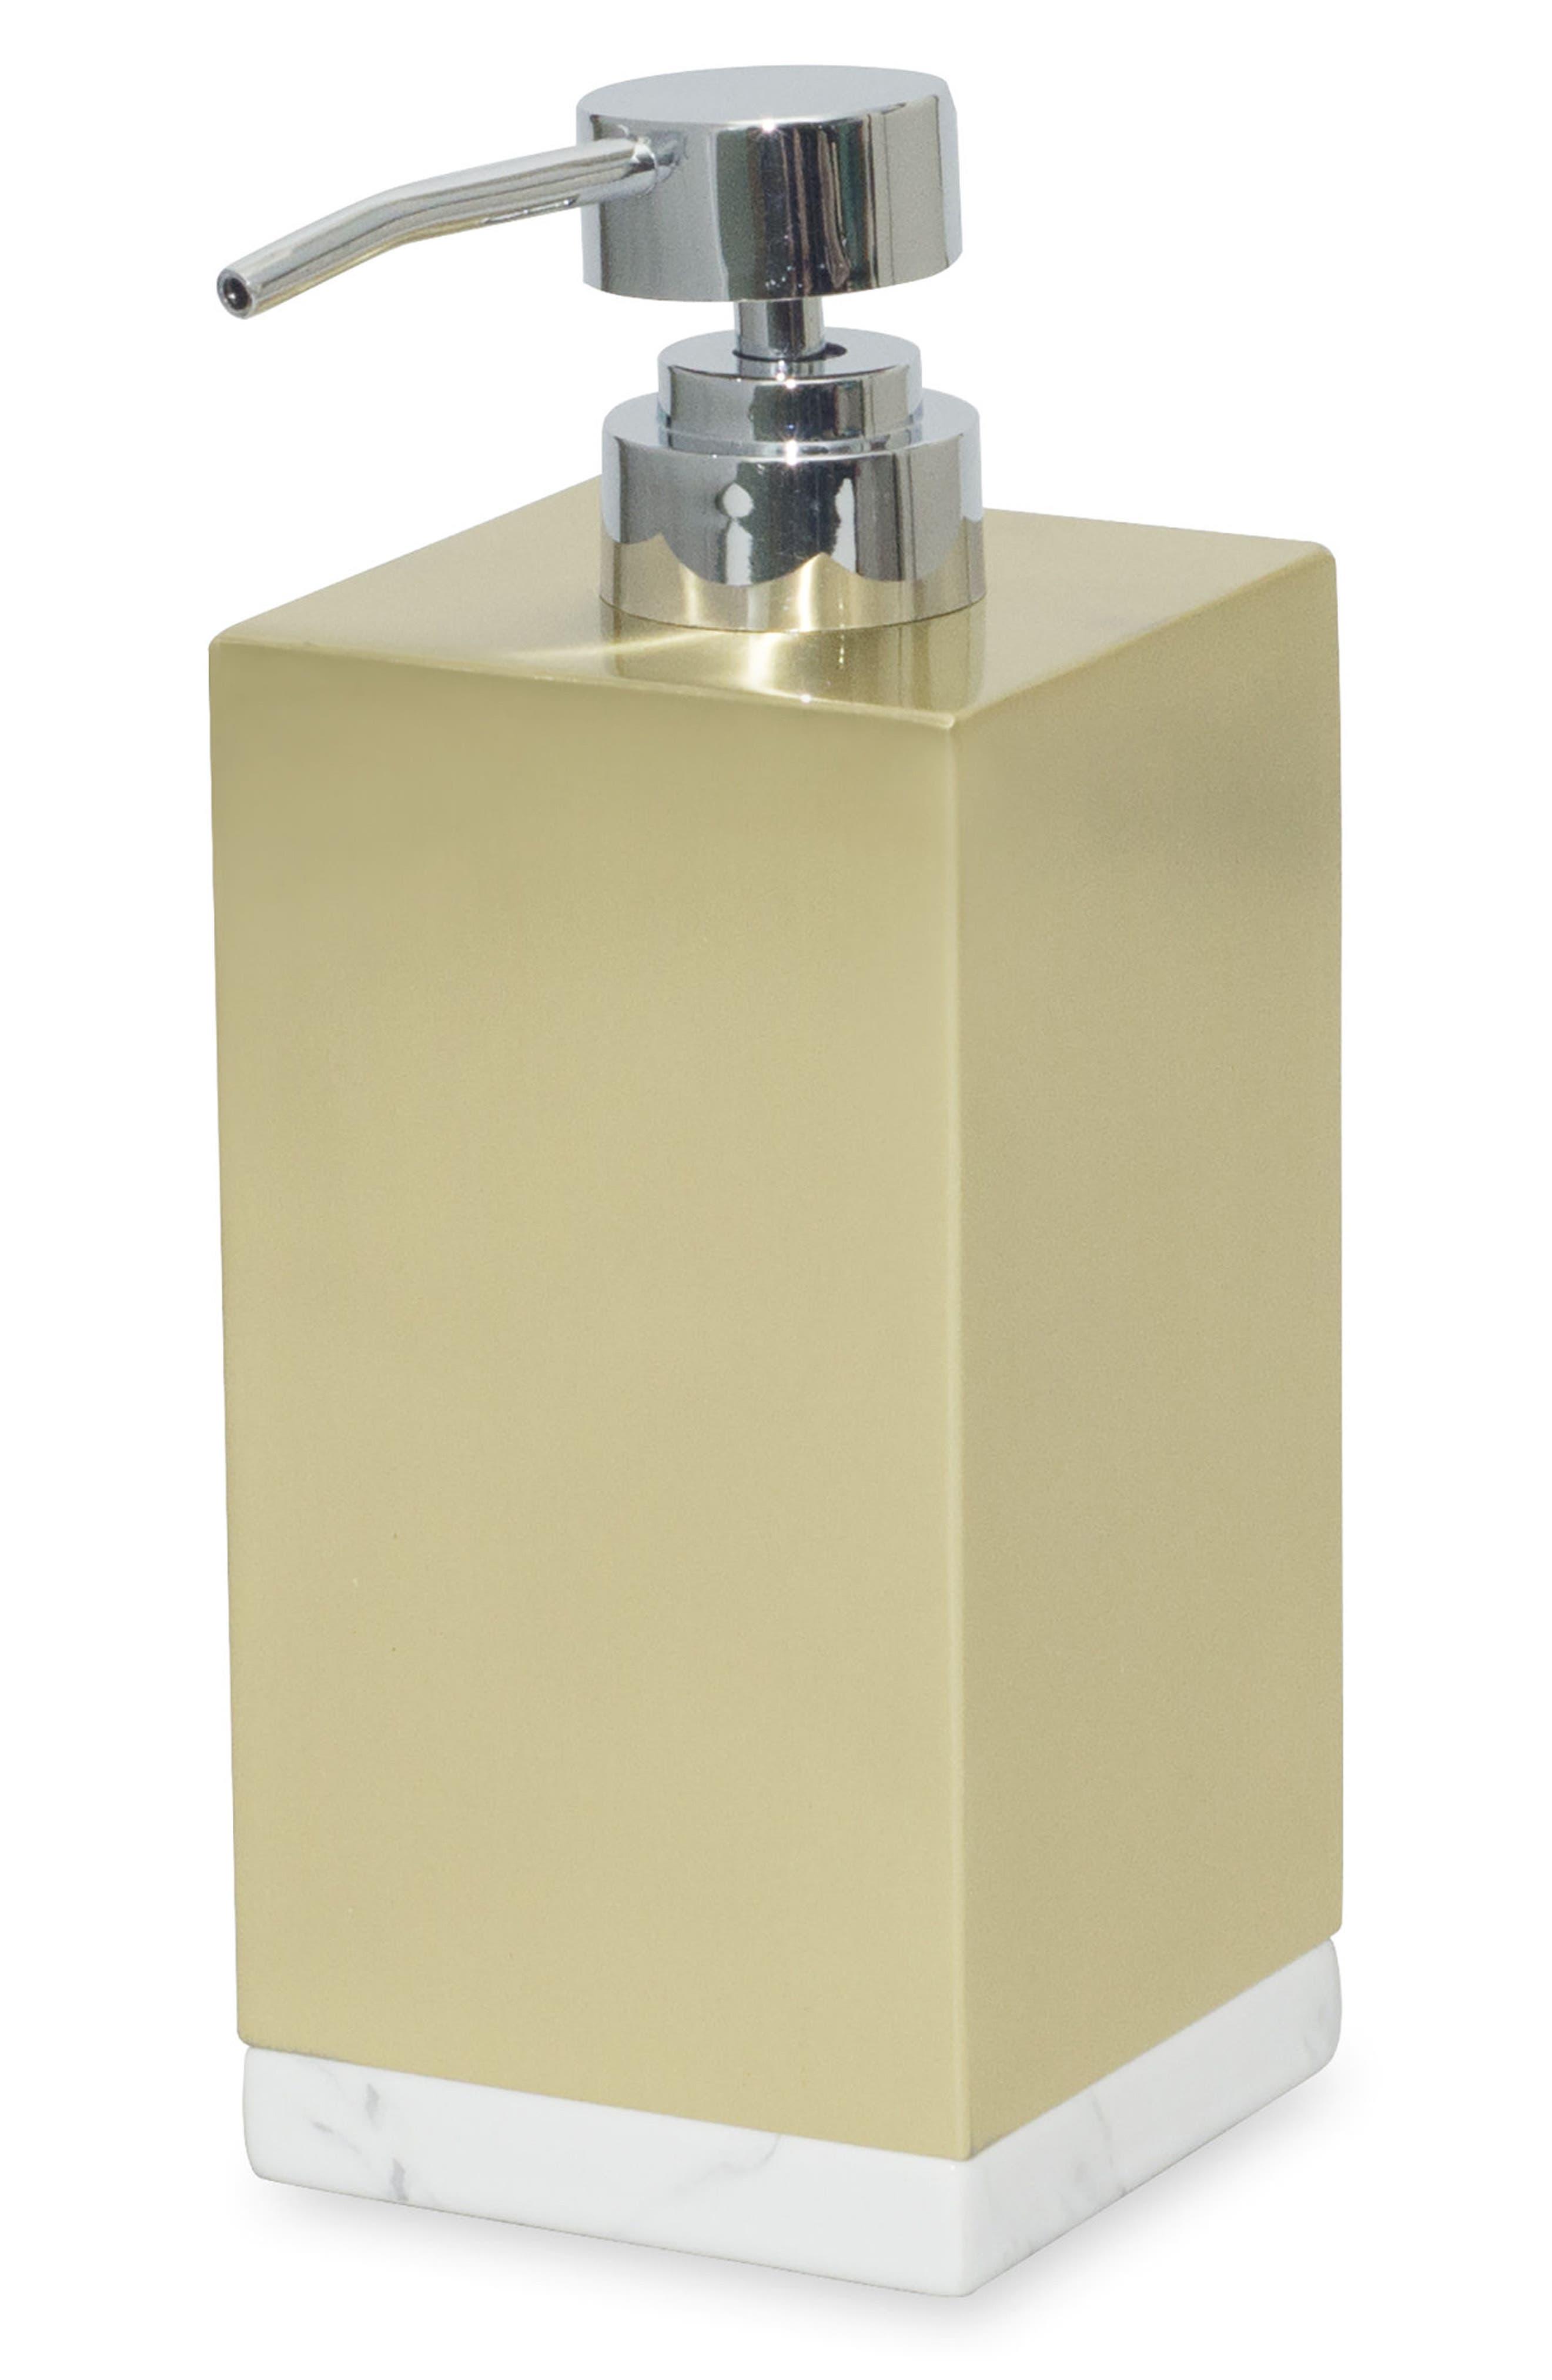 DKNY Mixed Media Lotion Pump